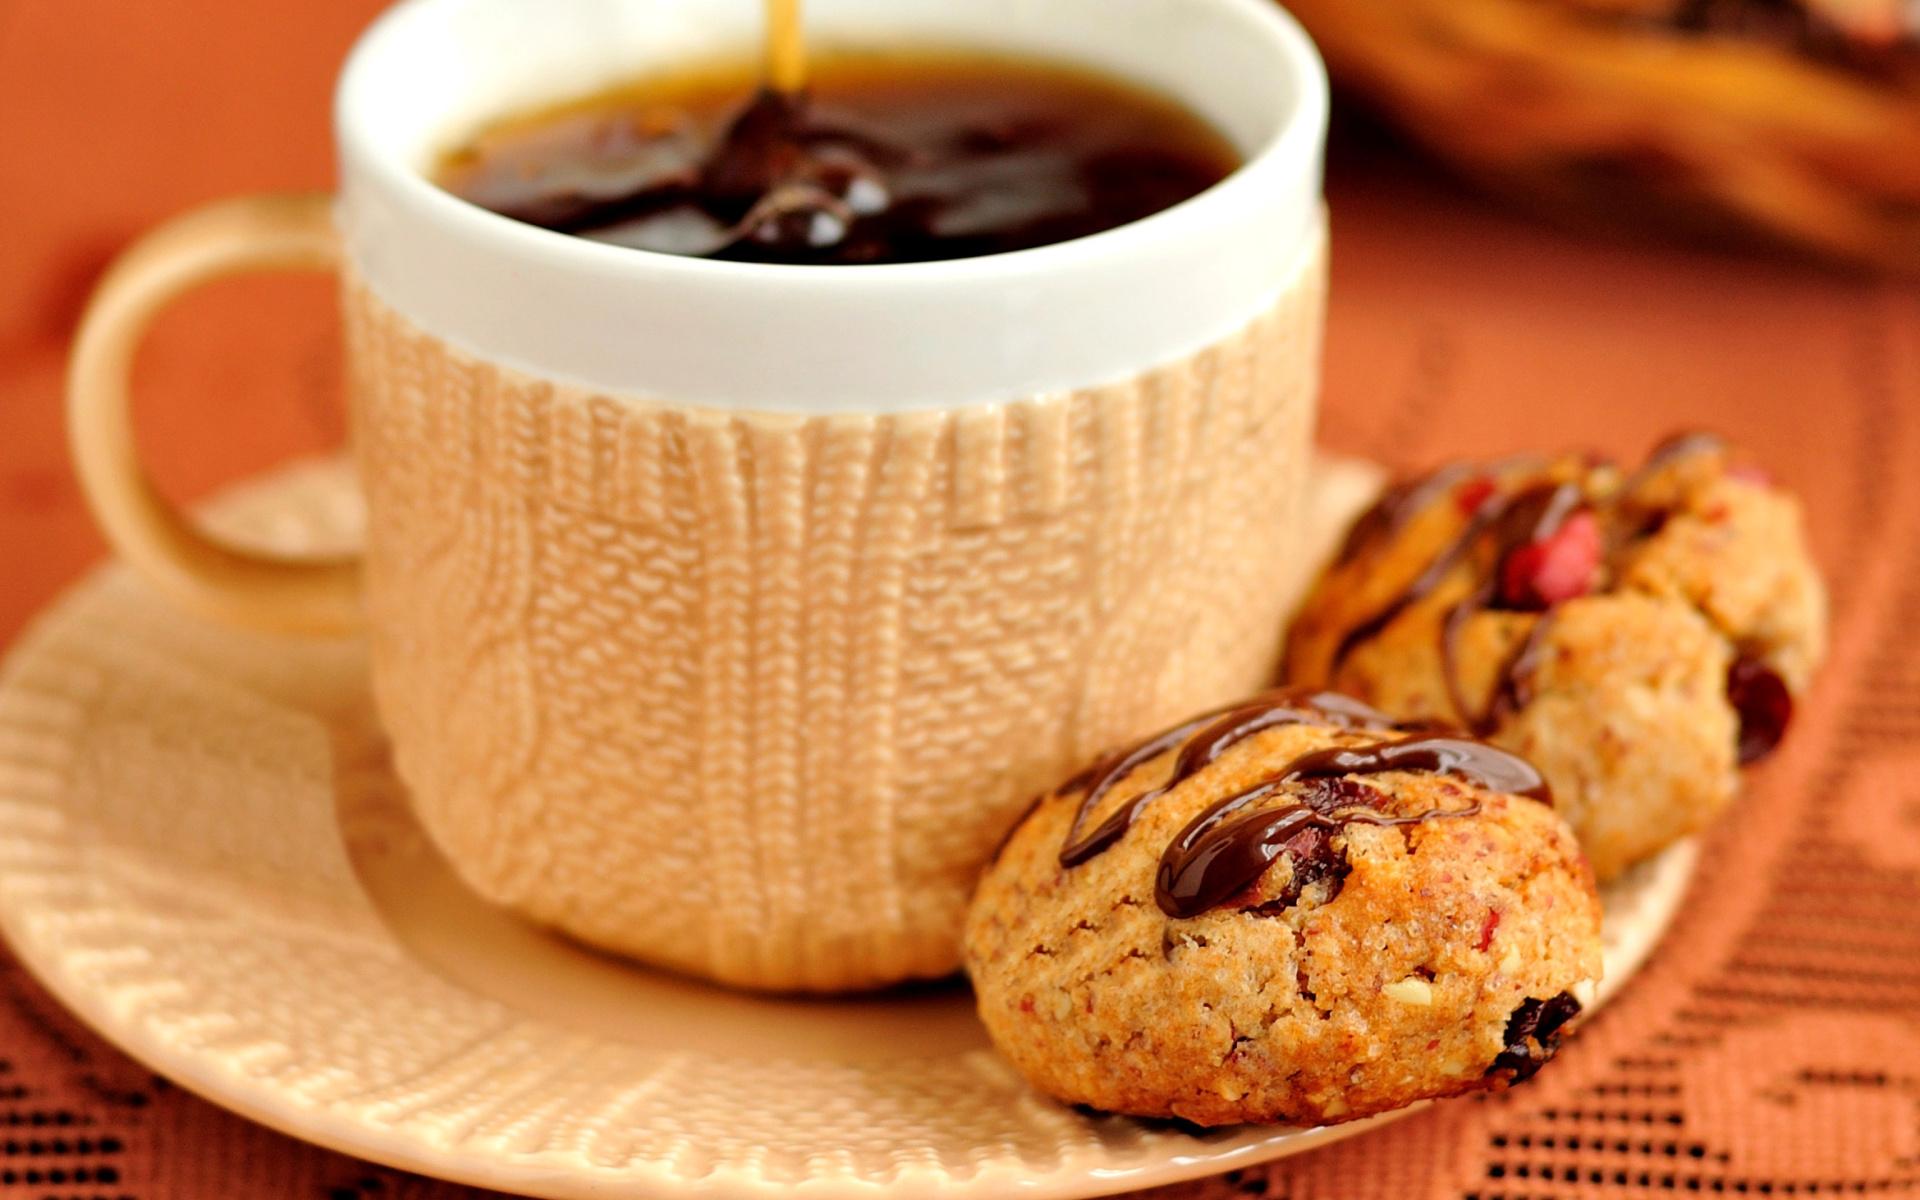 кофе со сладостями  № 140214 загрузить